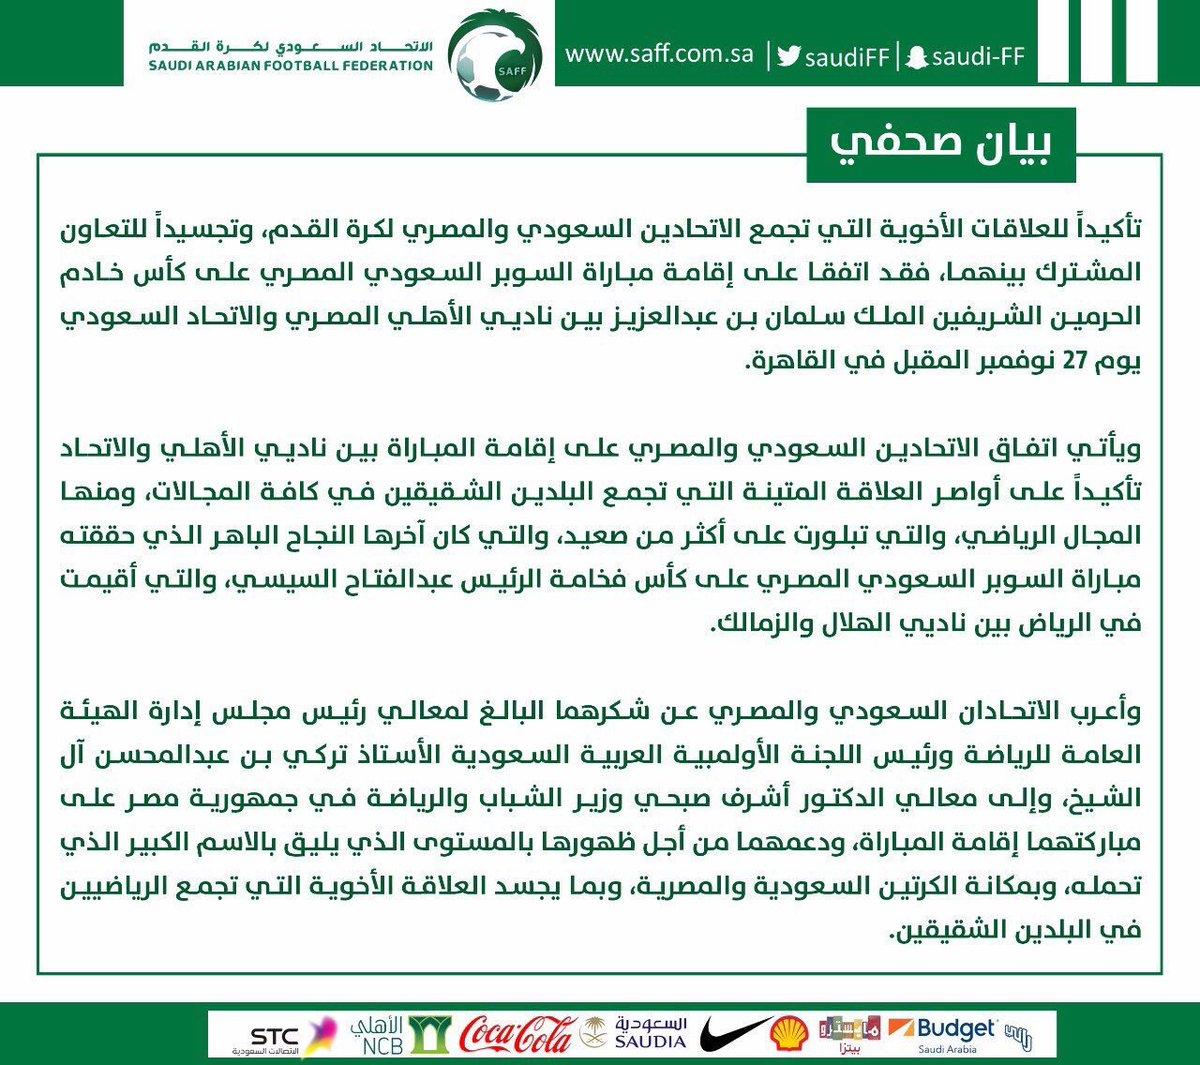 رسمياً : الاتحاد امام الاهلي المصري في القاهره بعد شهر في كأس السوبر السعودي المصري